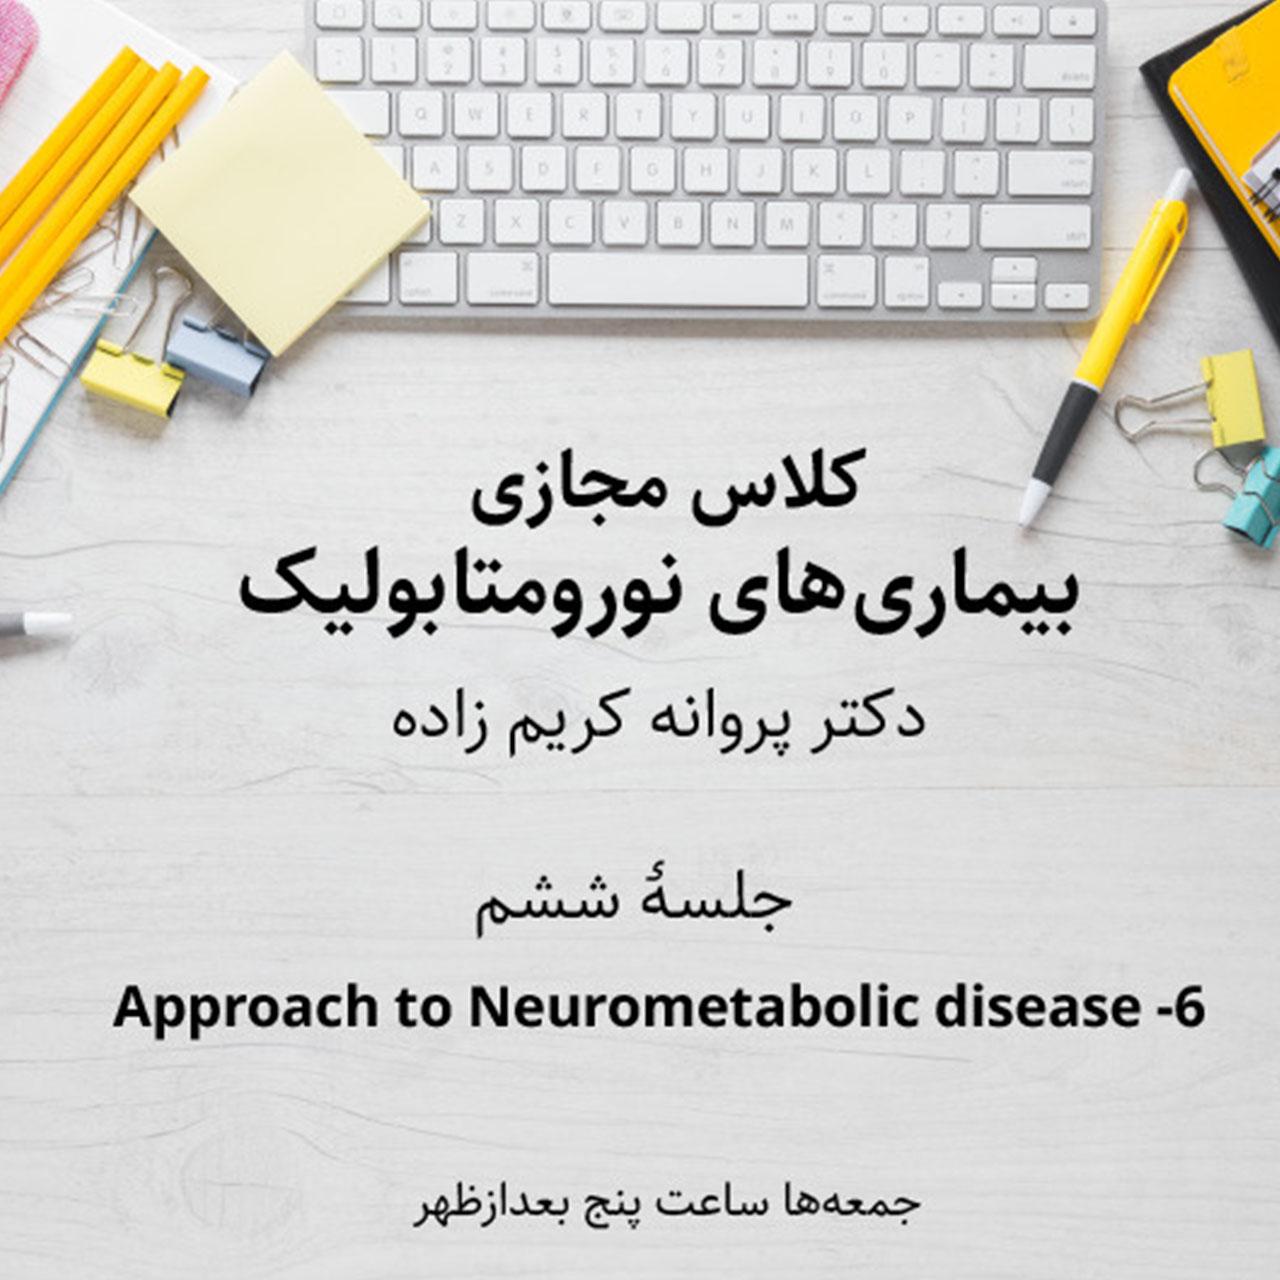 بیماریهای نورومتابولیک - جلسه ششم